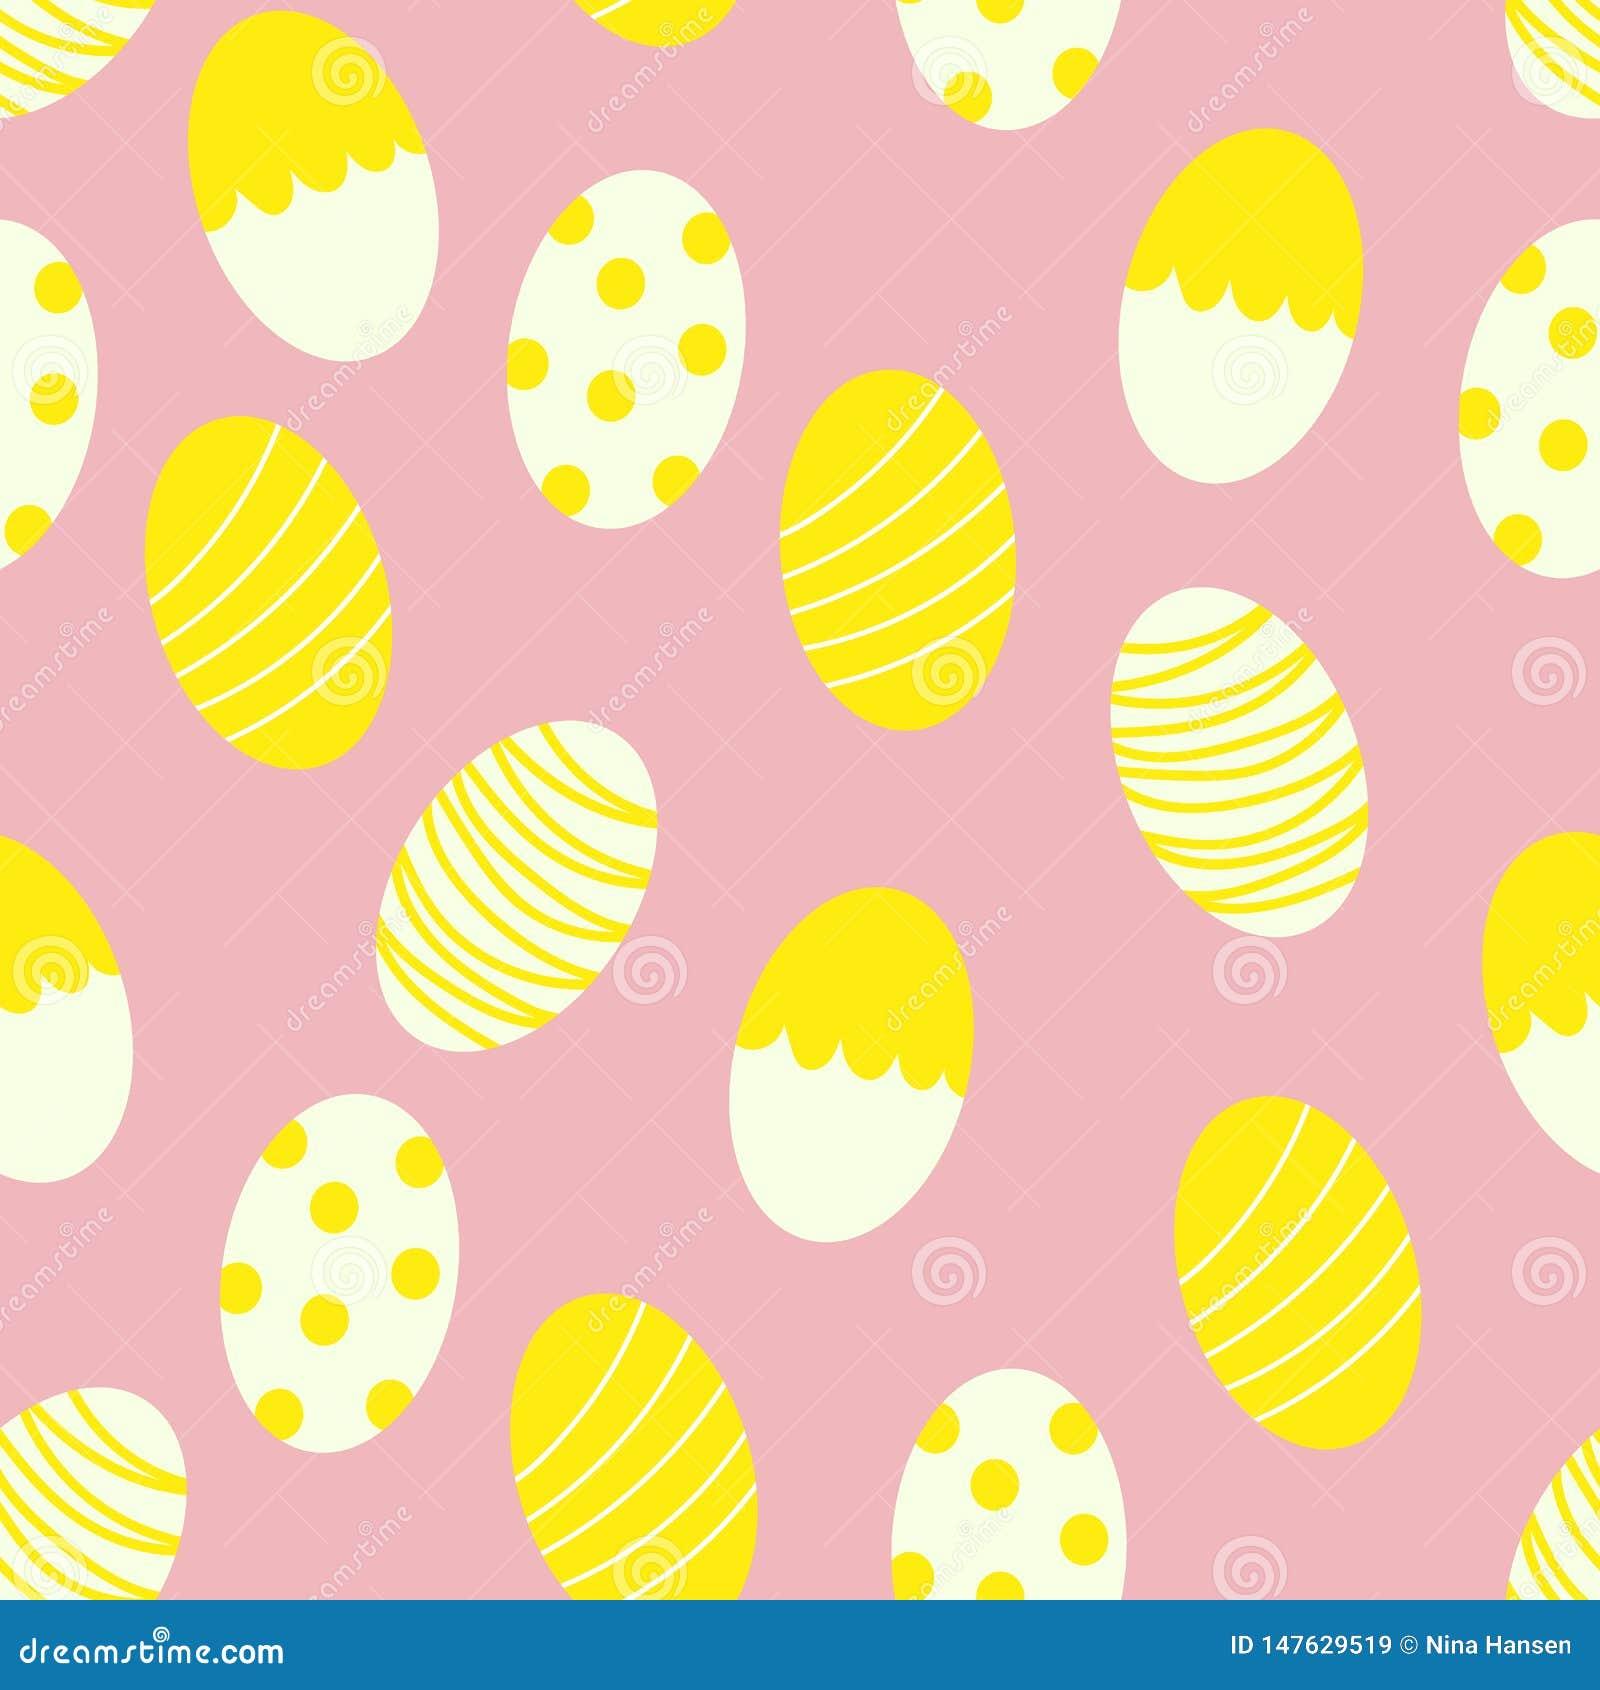 Gemalte Easter Eggs mit Streifen und Dots Seamless Pattern Print Background